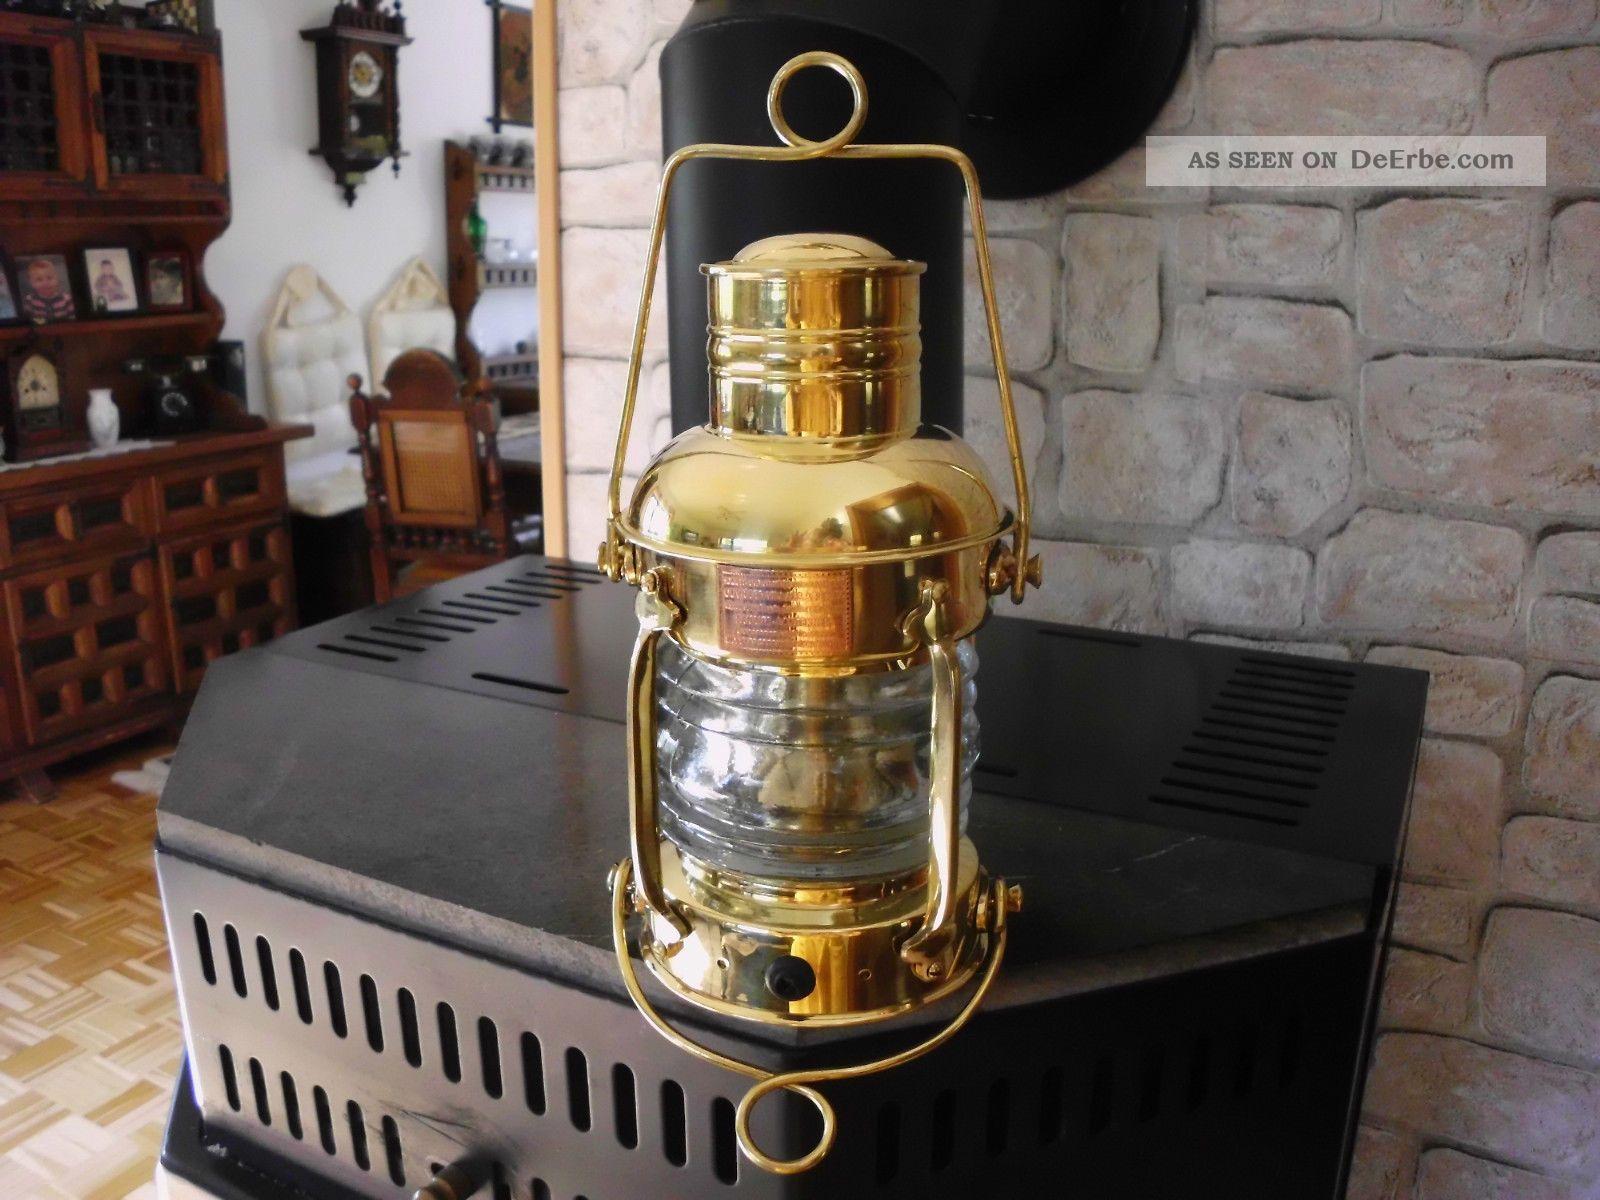 schiffslaterne ankerleuchte boot lampe maritim messing. Black Bedroom Furniture Sets. Home Design Ideas